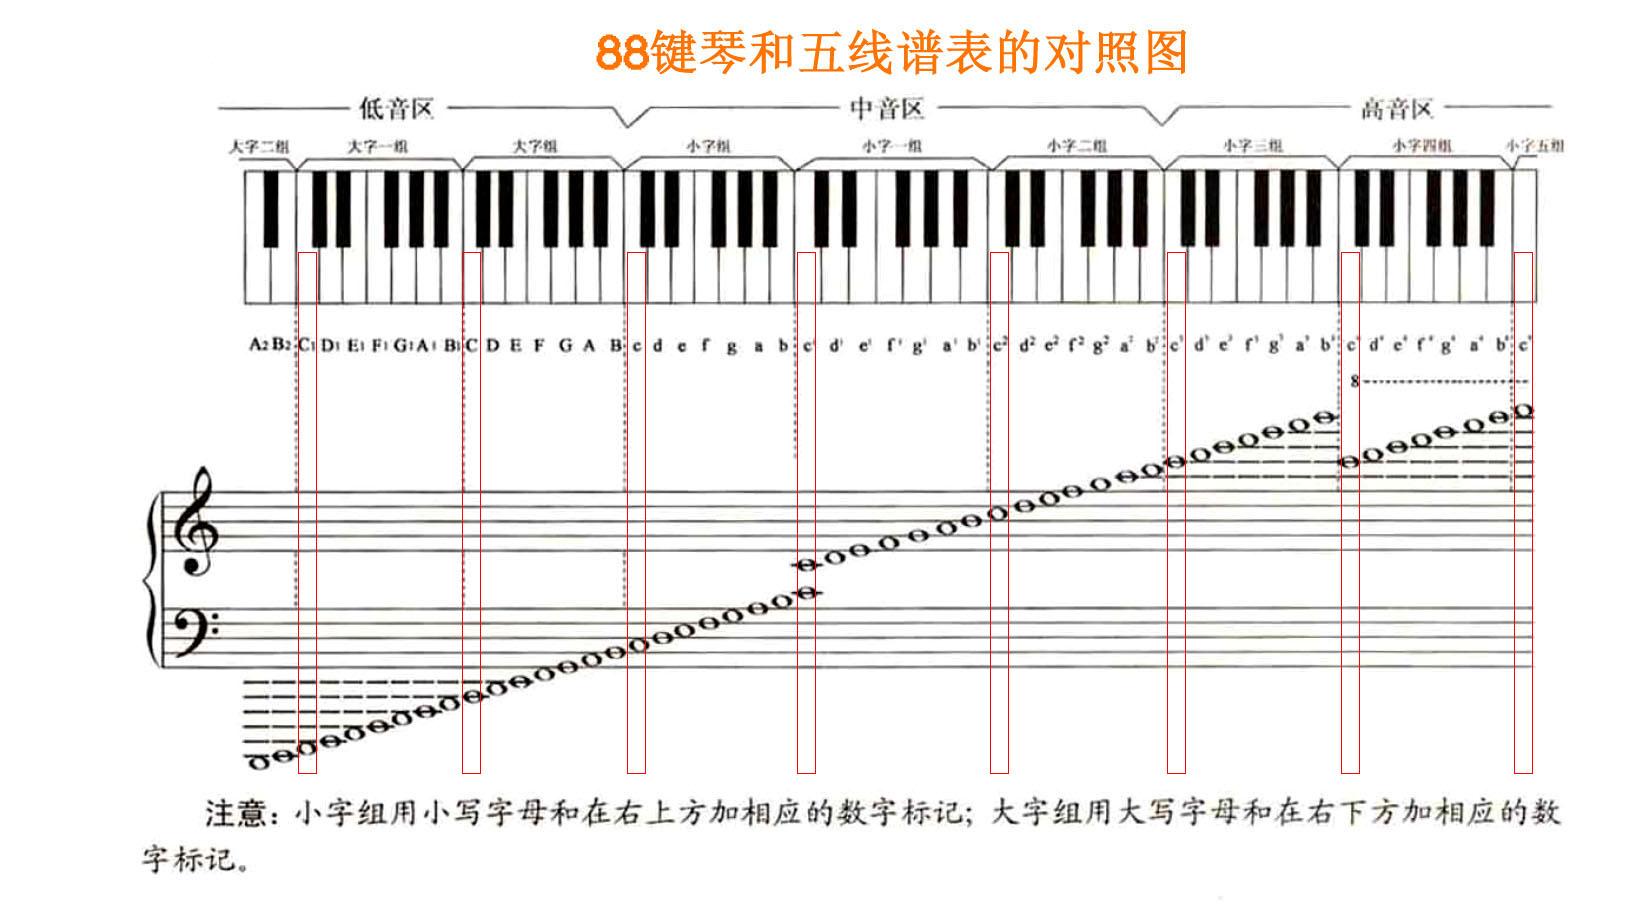 钢琴五线谱高音部分do从下加一线开始,那低音部分do是